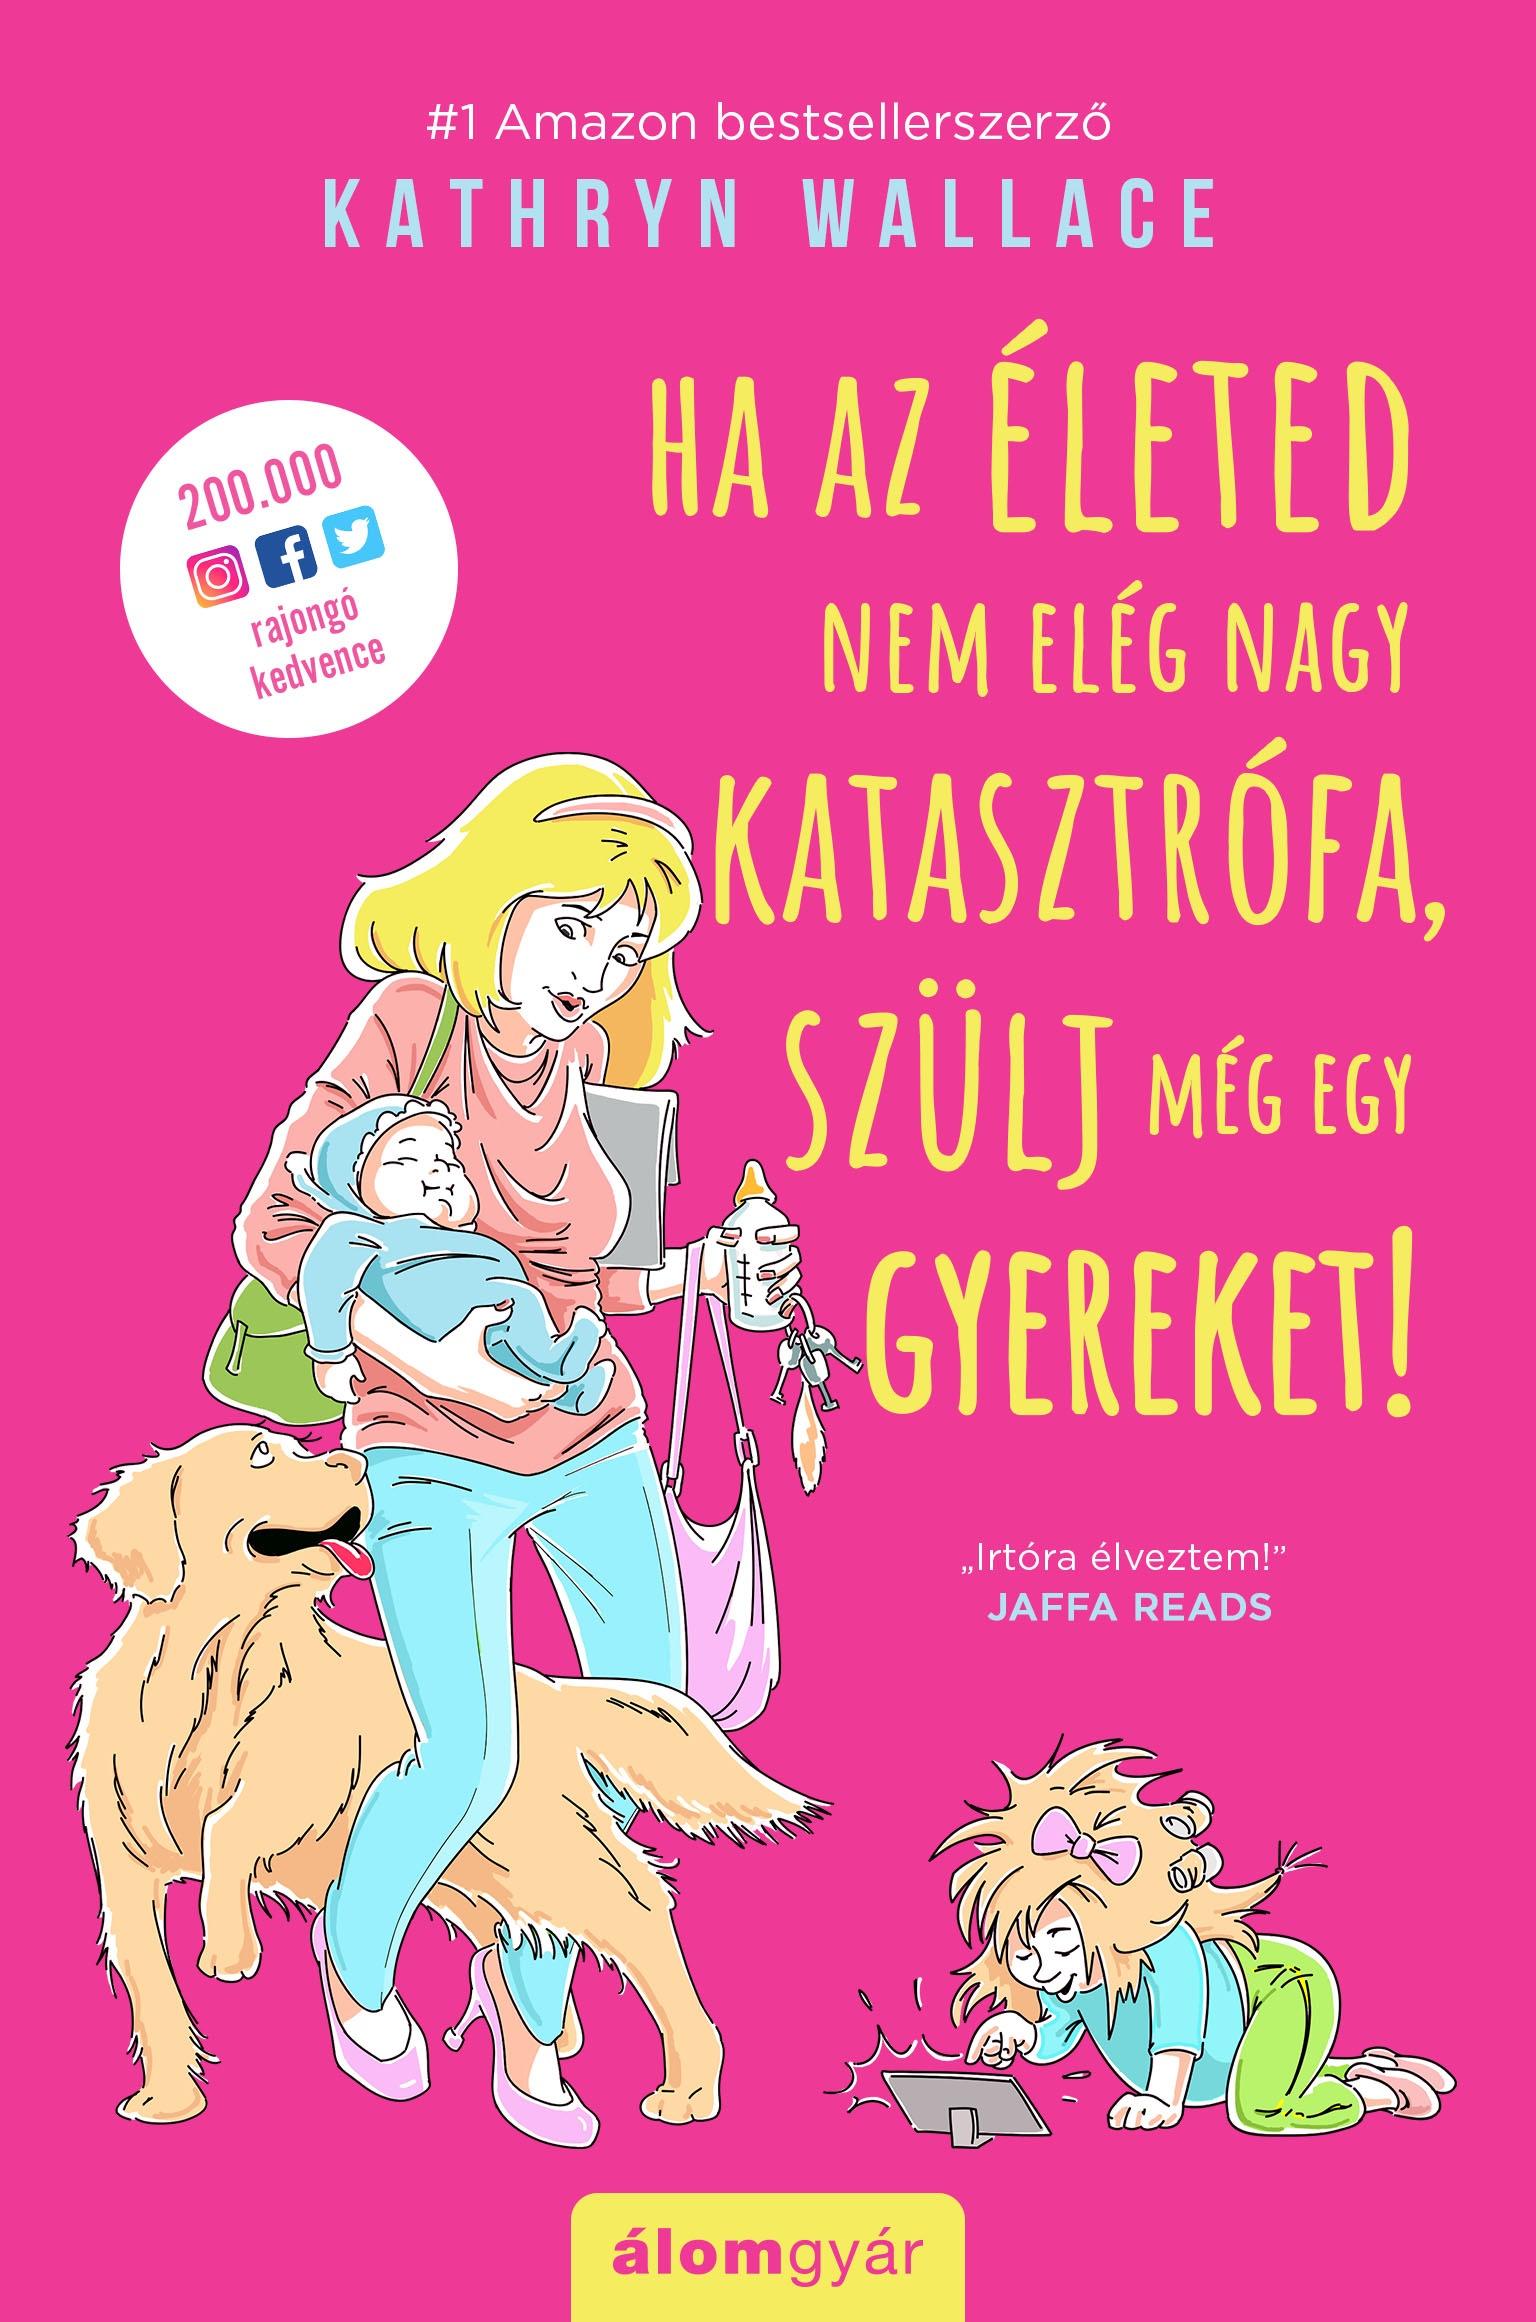 Kathryn Wallace - Ha az életed nem elég nagy katasztrófa, szülj még egy gyereket!